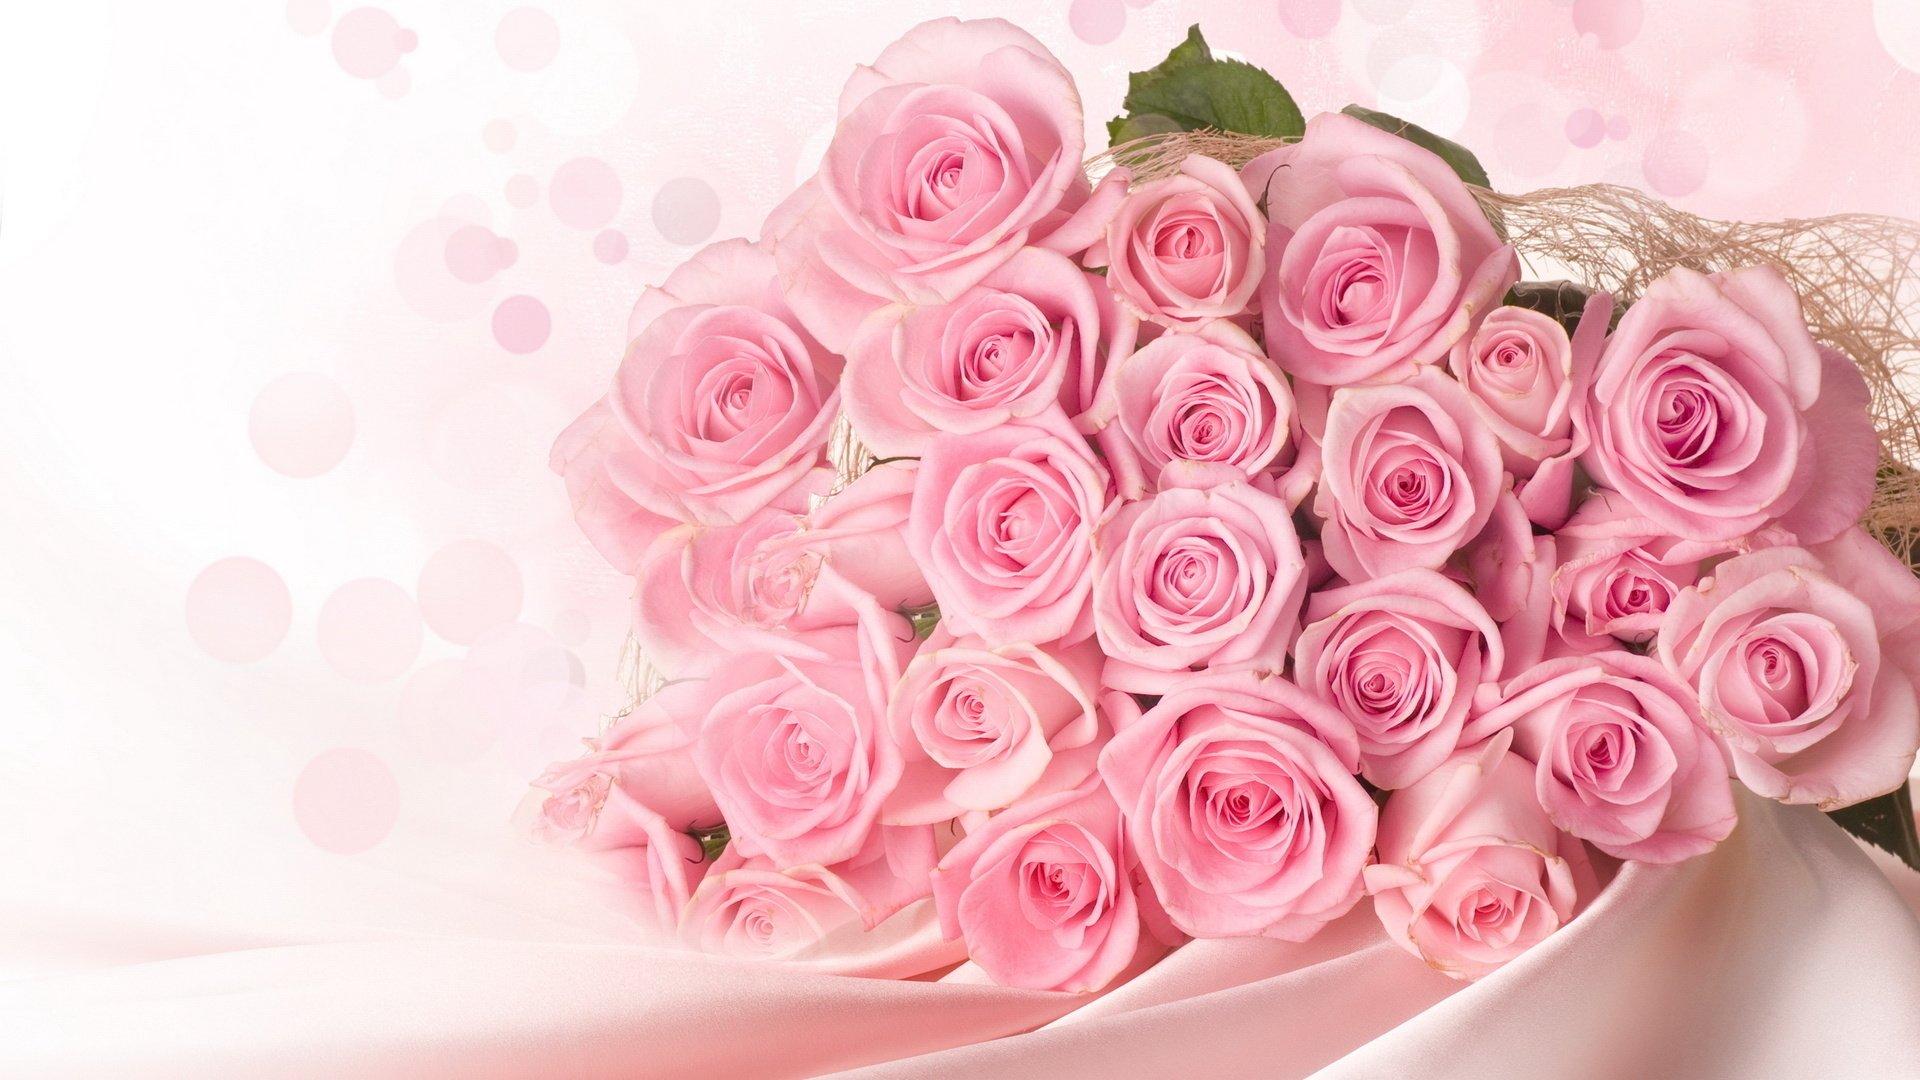 Поздравления открытки розы, новогодняя открытка